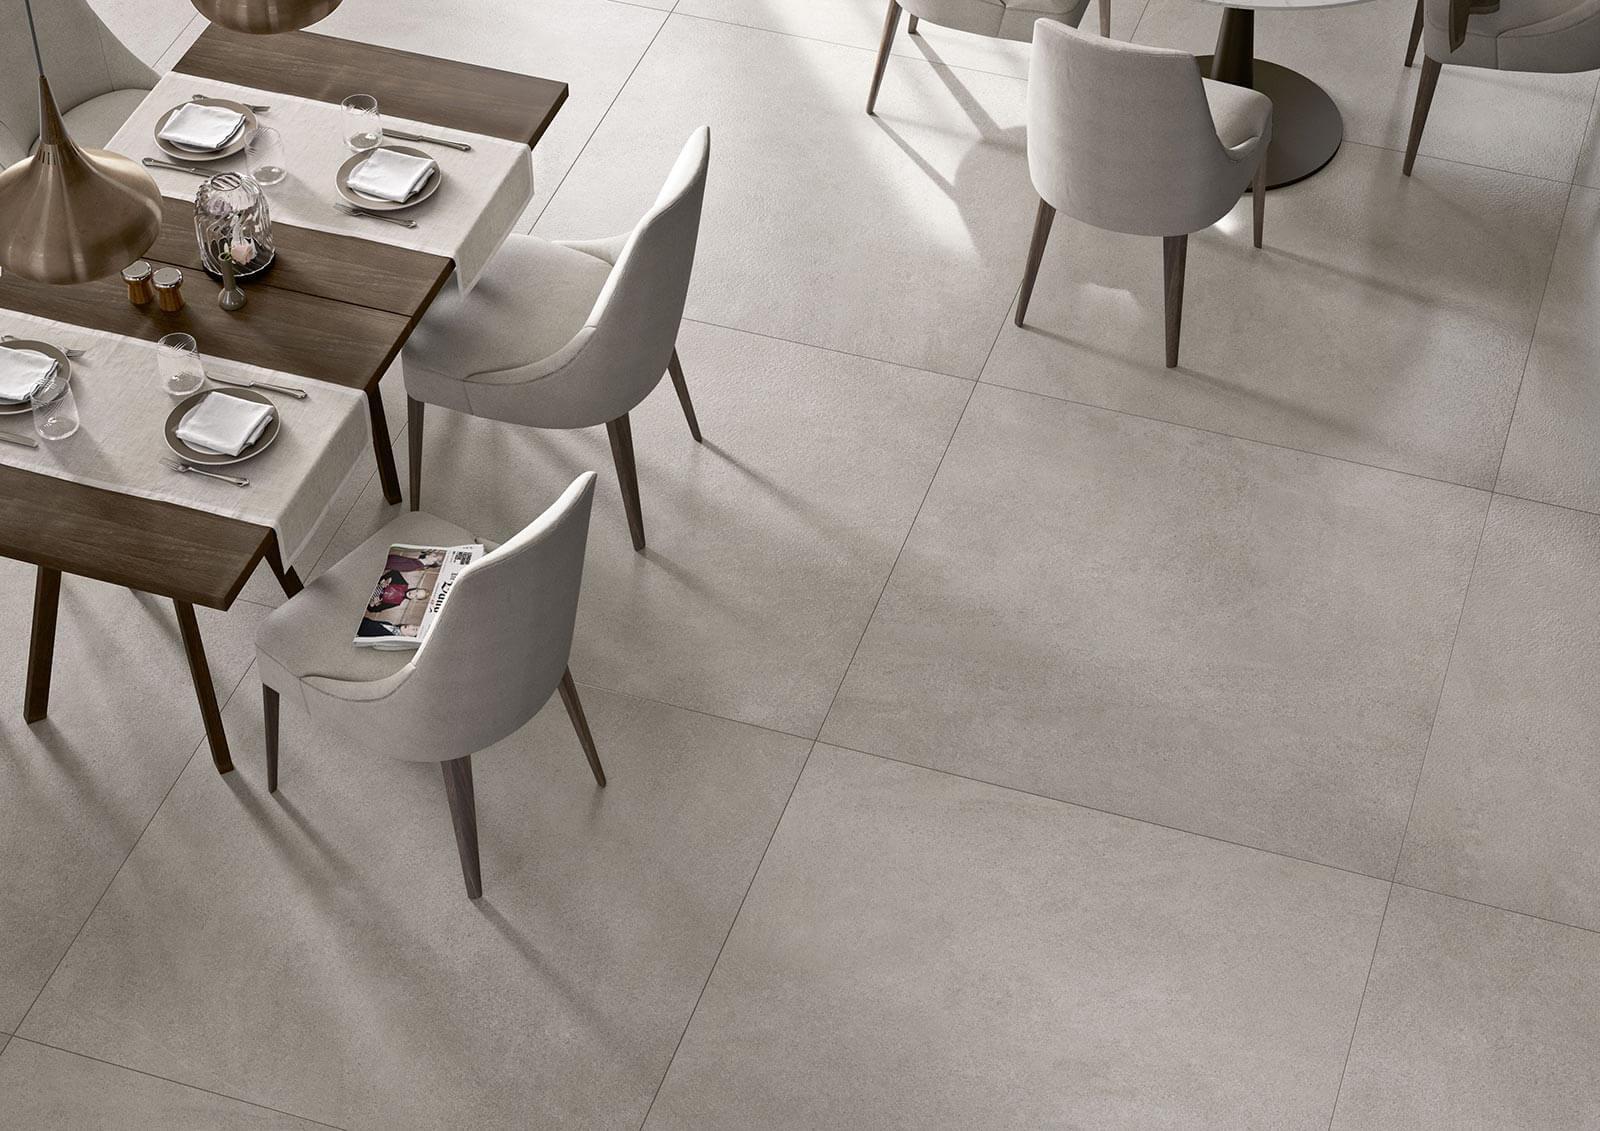 pavimenti e rivestimenti SVAI_gres porcellanato chiaro